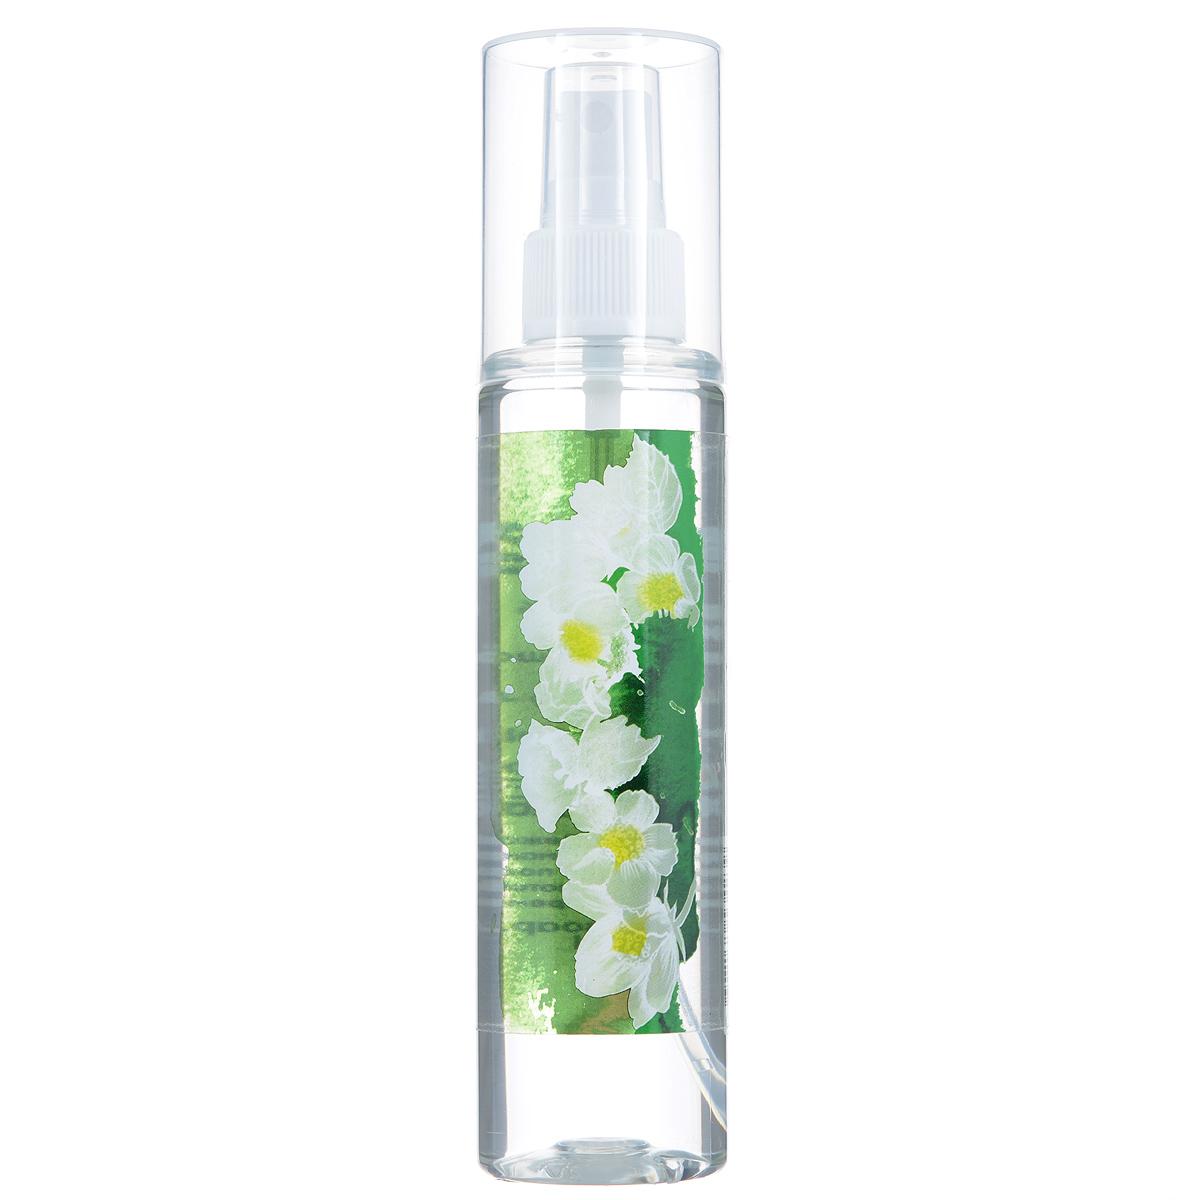 Зейтун Гидролат Жасмин, 125 млZ3803Лучше всего цветочная вода жасмина подходит для сухой и чувствительной кожи, она тонизирует её и успокаивает, увлажняет. Придаёт эпидермису необходимую мягкость и эластичность, активизирует важные процессы обмена веществ. Для усиления эффекта рекомендуем чередовать с гидролатом розы дамасской. Гидролат жасмина вы также можете использовать и другими способами: • добавлять в воду, когда принимаете ванну, • для снятия макияжа и умывания, • применять как ополаскиватель после мытья волос, чтобы разгладить пряди и облегчить их расчёсывание, • для ароматизации тела и волос, • наносить перед применением крема или косметического масла, ради подготовки кожи и усиления воздействия средства, • использовать для тонизации кожи после скраба или пилинга, • разводить сухие глиняные маски, улучшая их эффект и придавая коже цветочный запах. Цветочная вода жасмина полностью натуральна, поэтому чувствительна к свету, высоким температурам и микроорганизмам, и храниться она может не более 12...